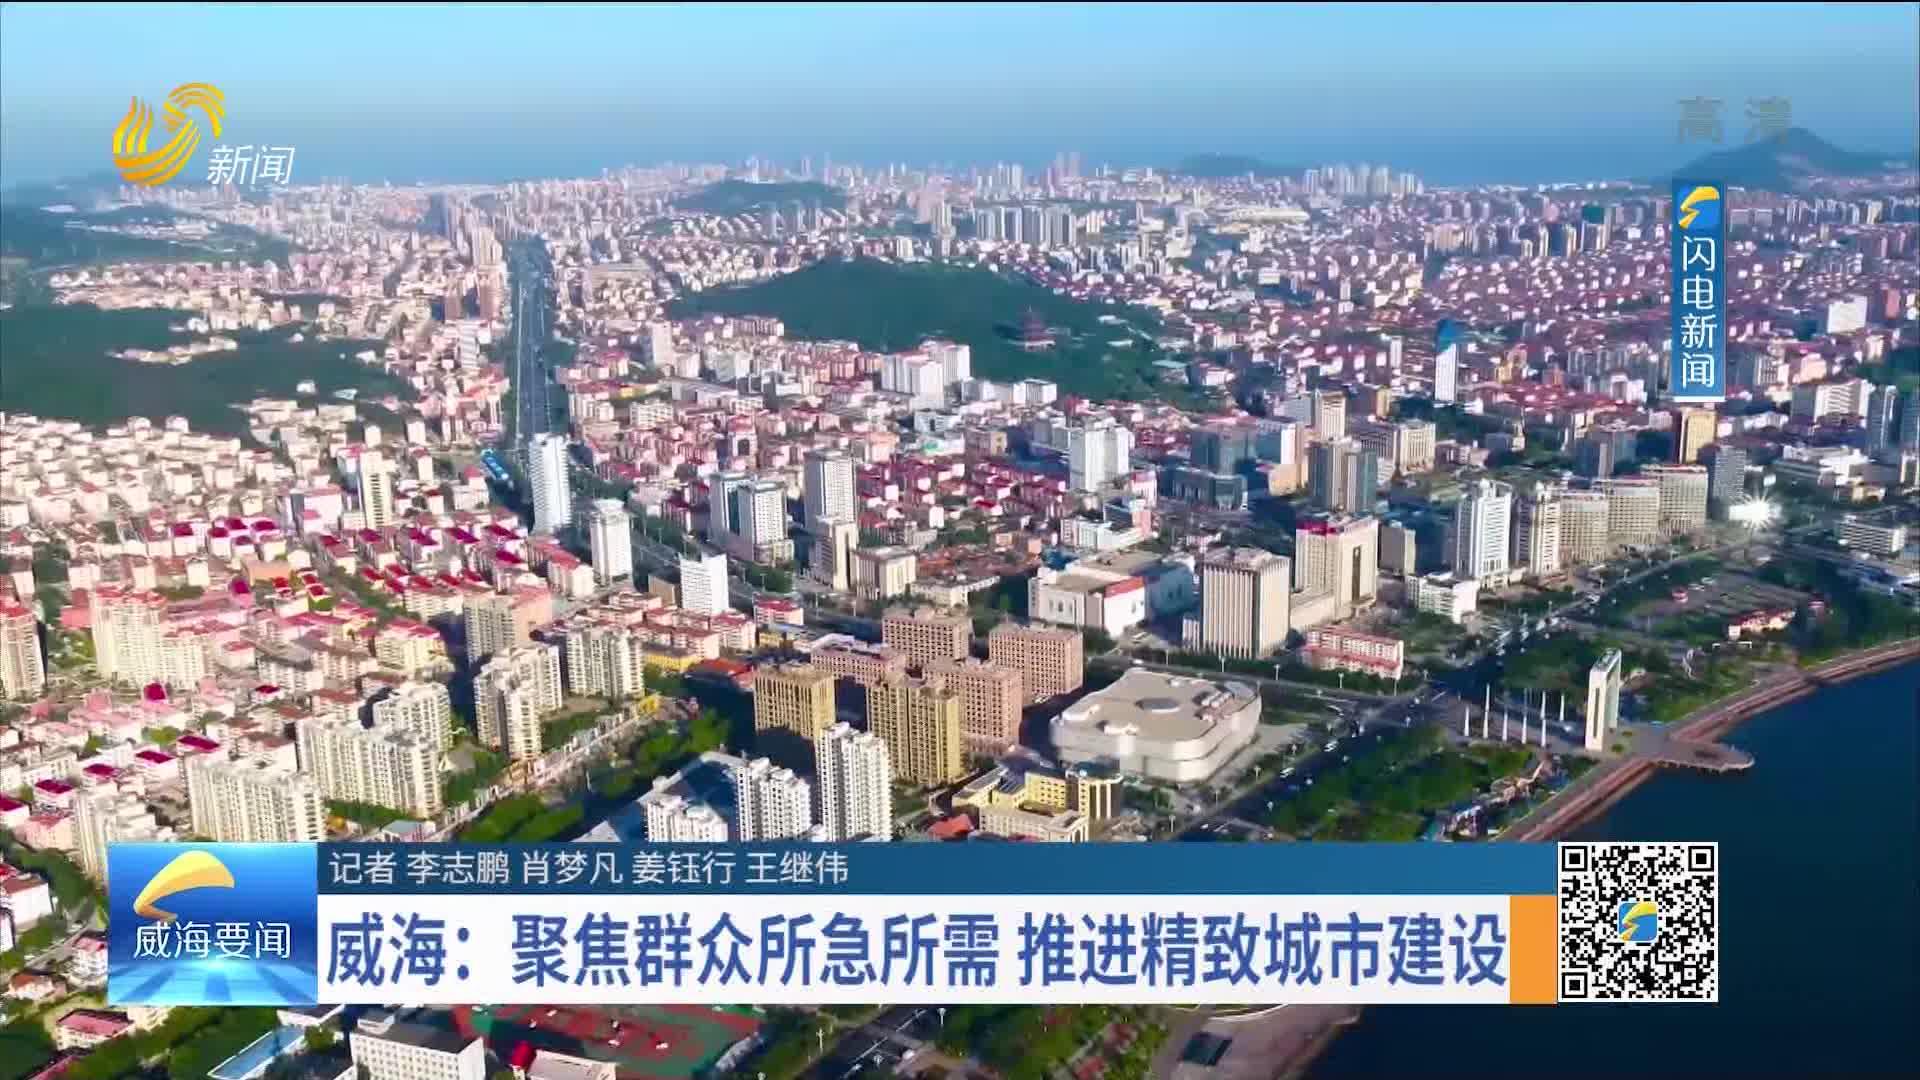 威海:聚焦群众所急所需推进精致城市建设